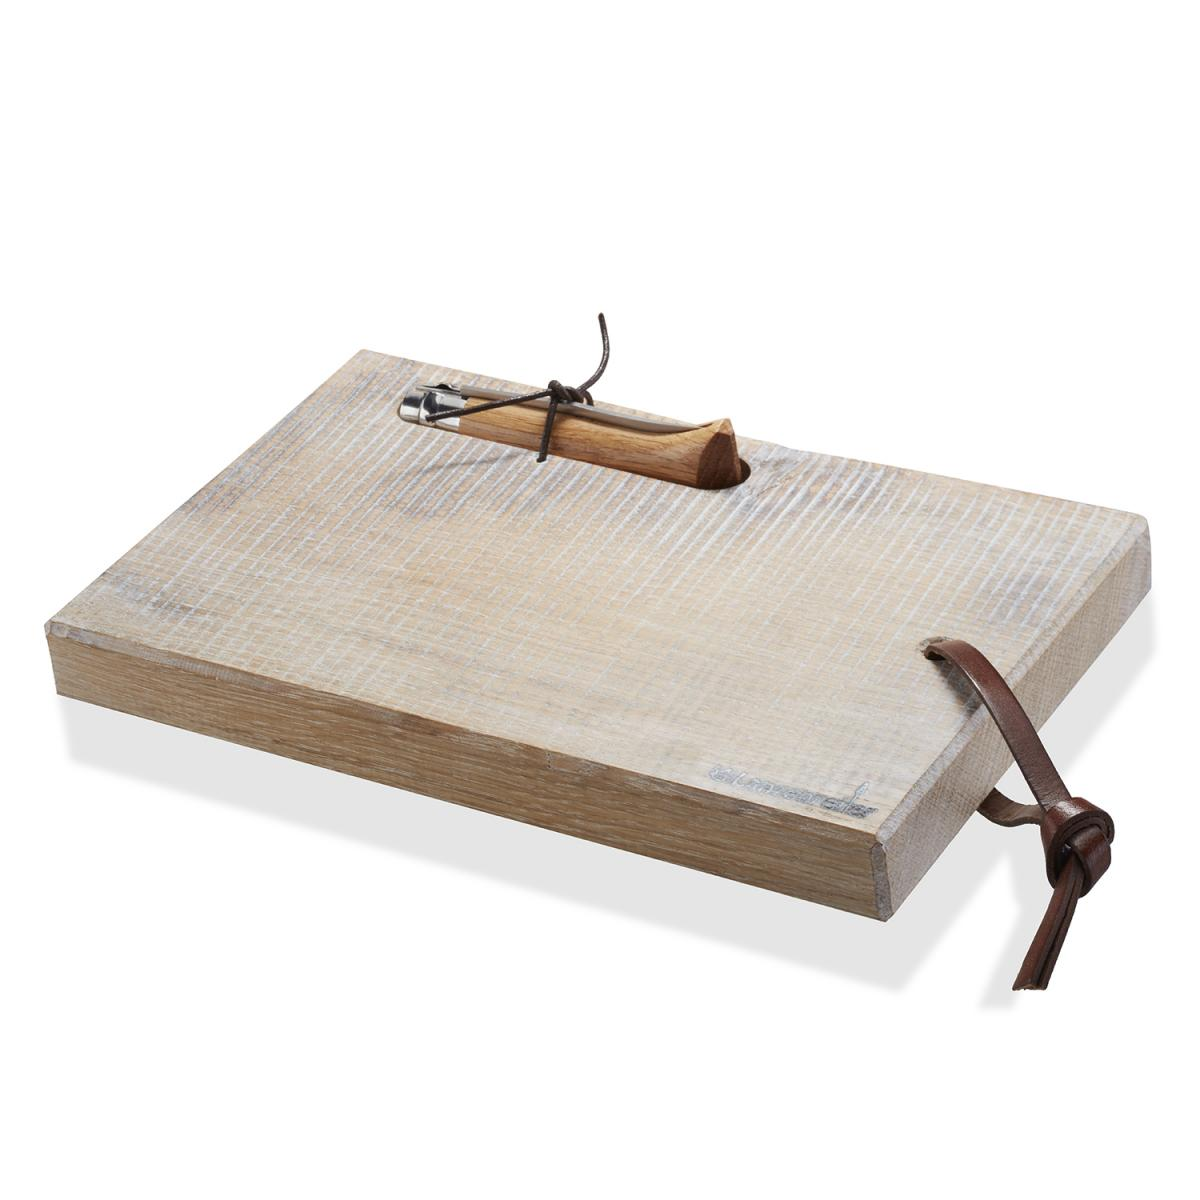 Brotzeitbrett mit Opinel-Taschenmesser